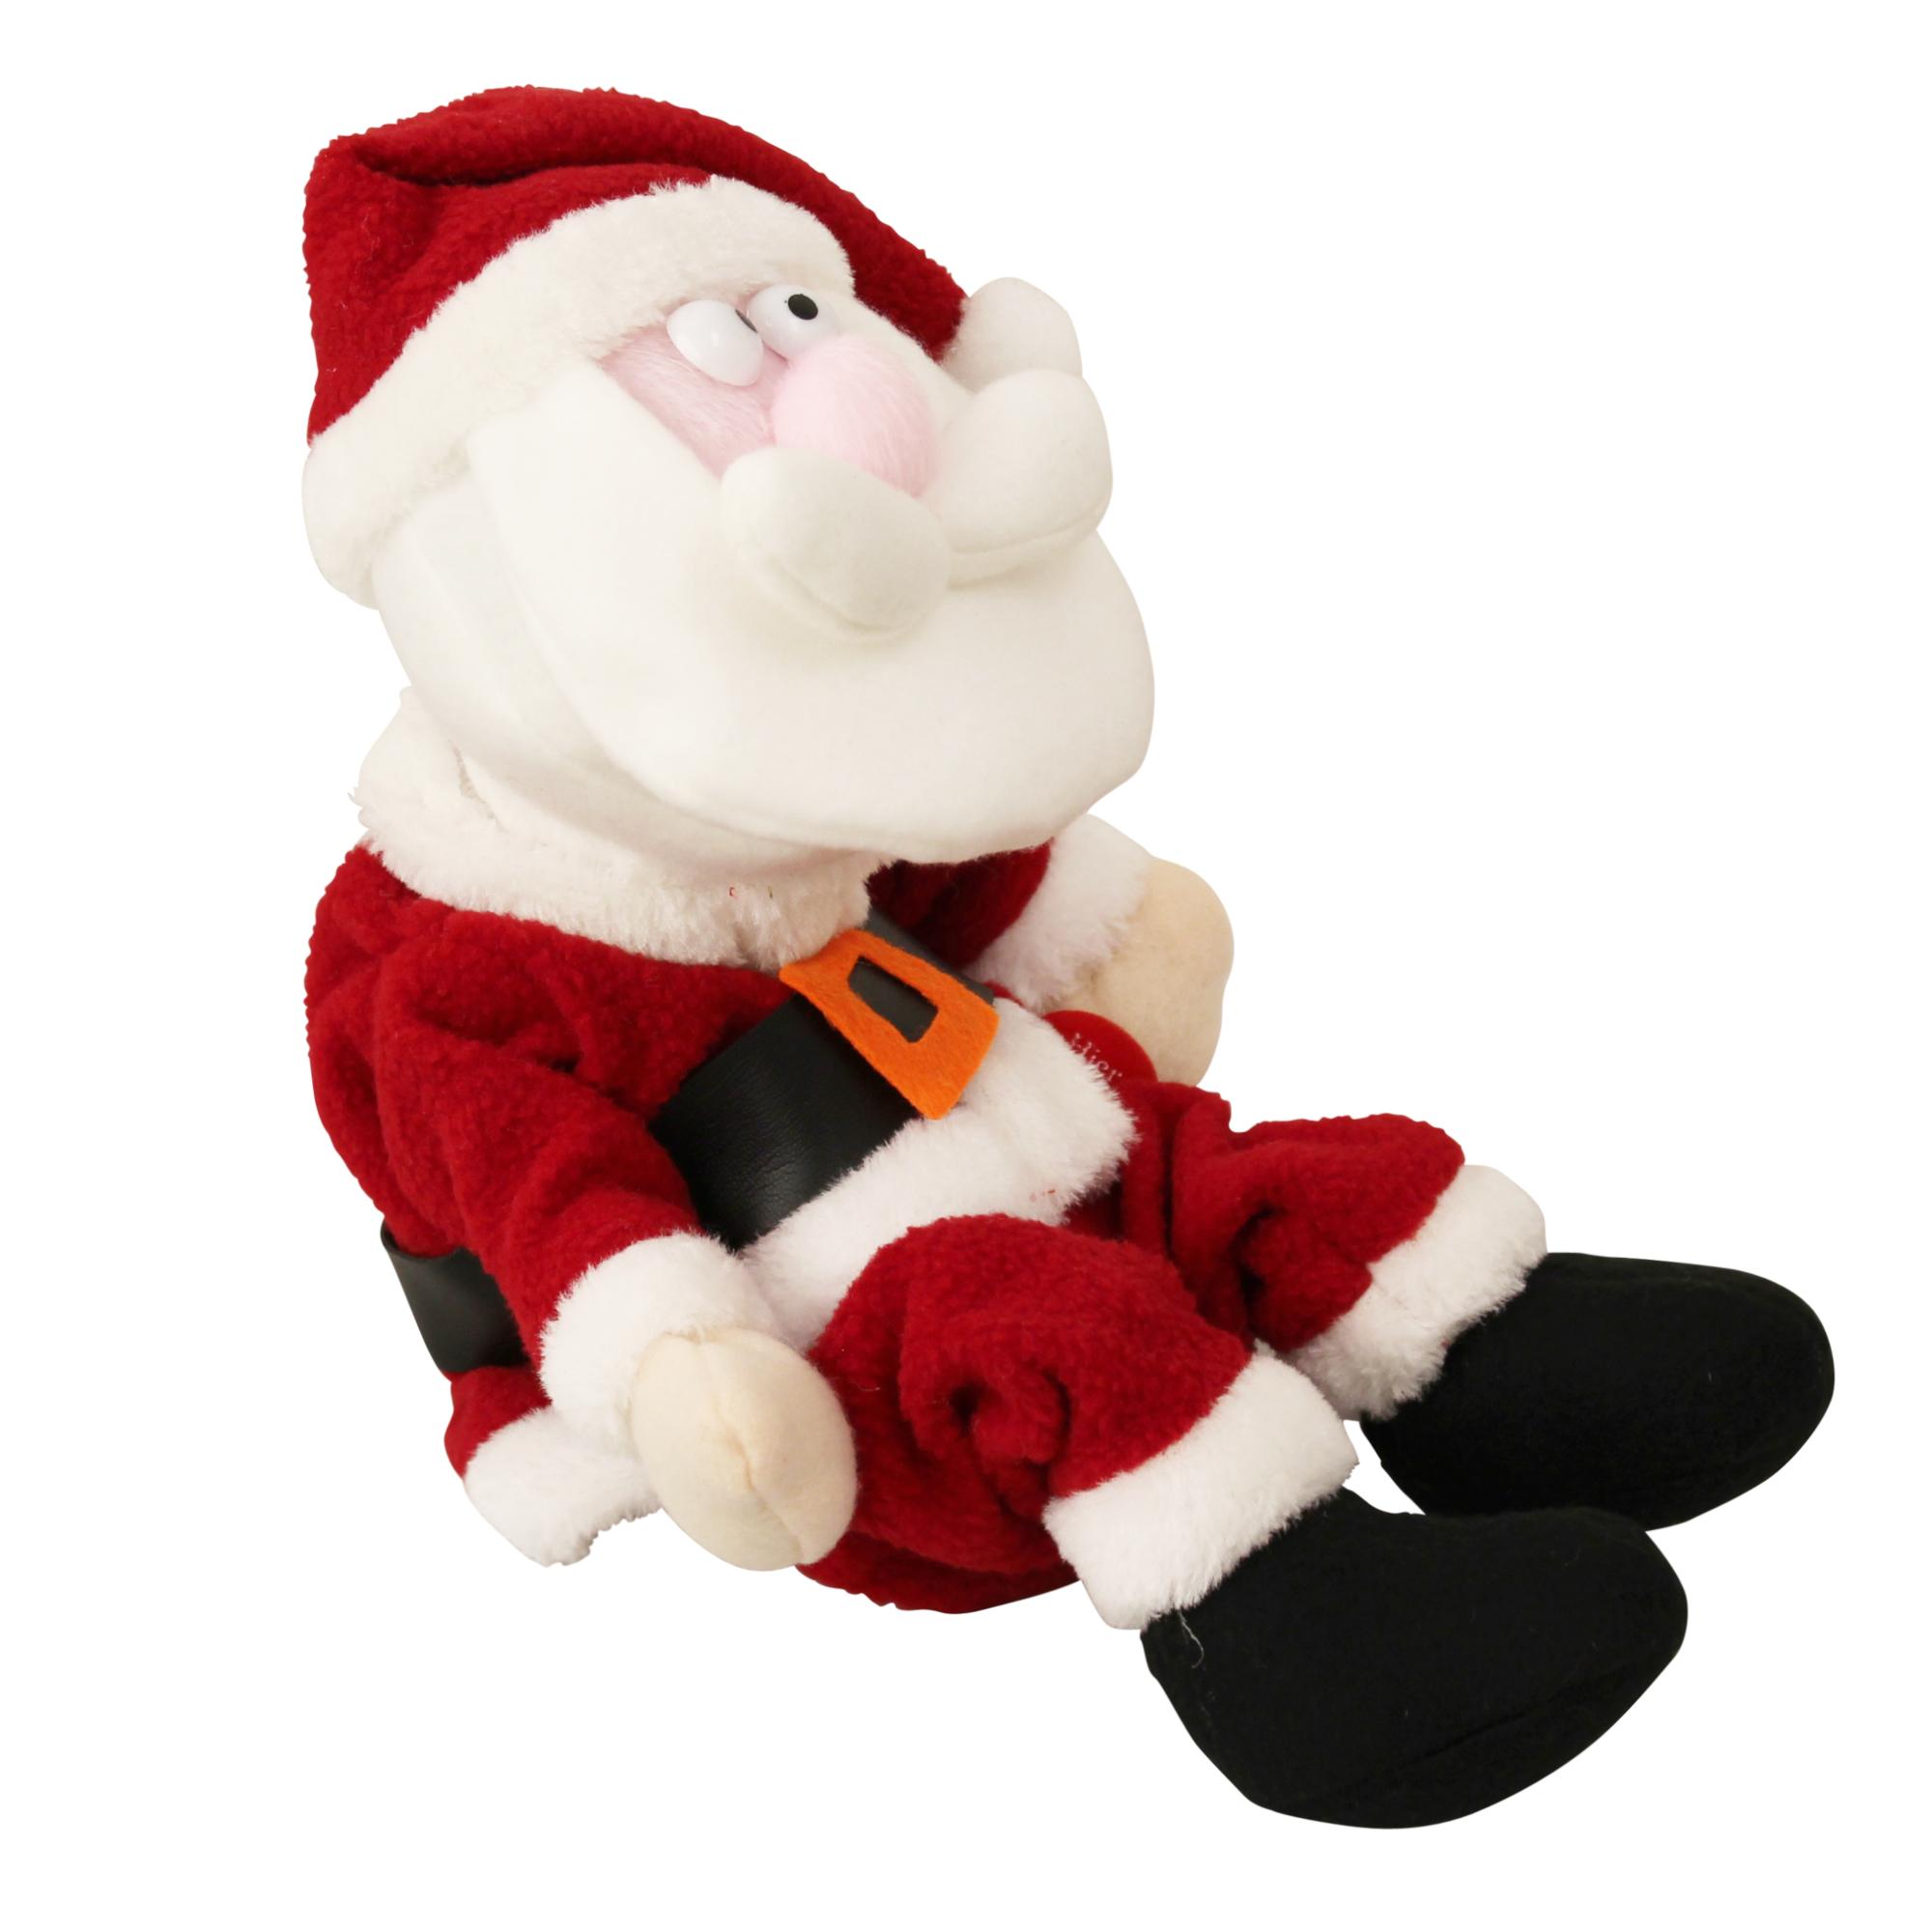 singender weihnachtsmann tanzend deko elch weihnachten baum nikolaus ebay. Black Bedroom Furniture Sets. Home Design Ideas